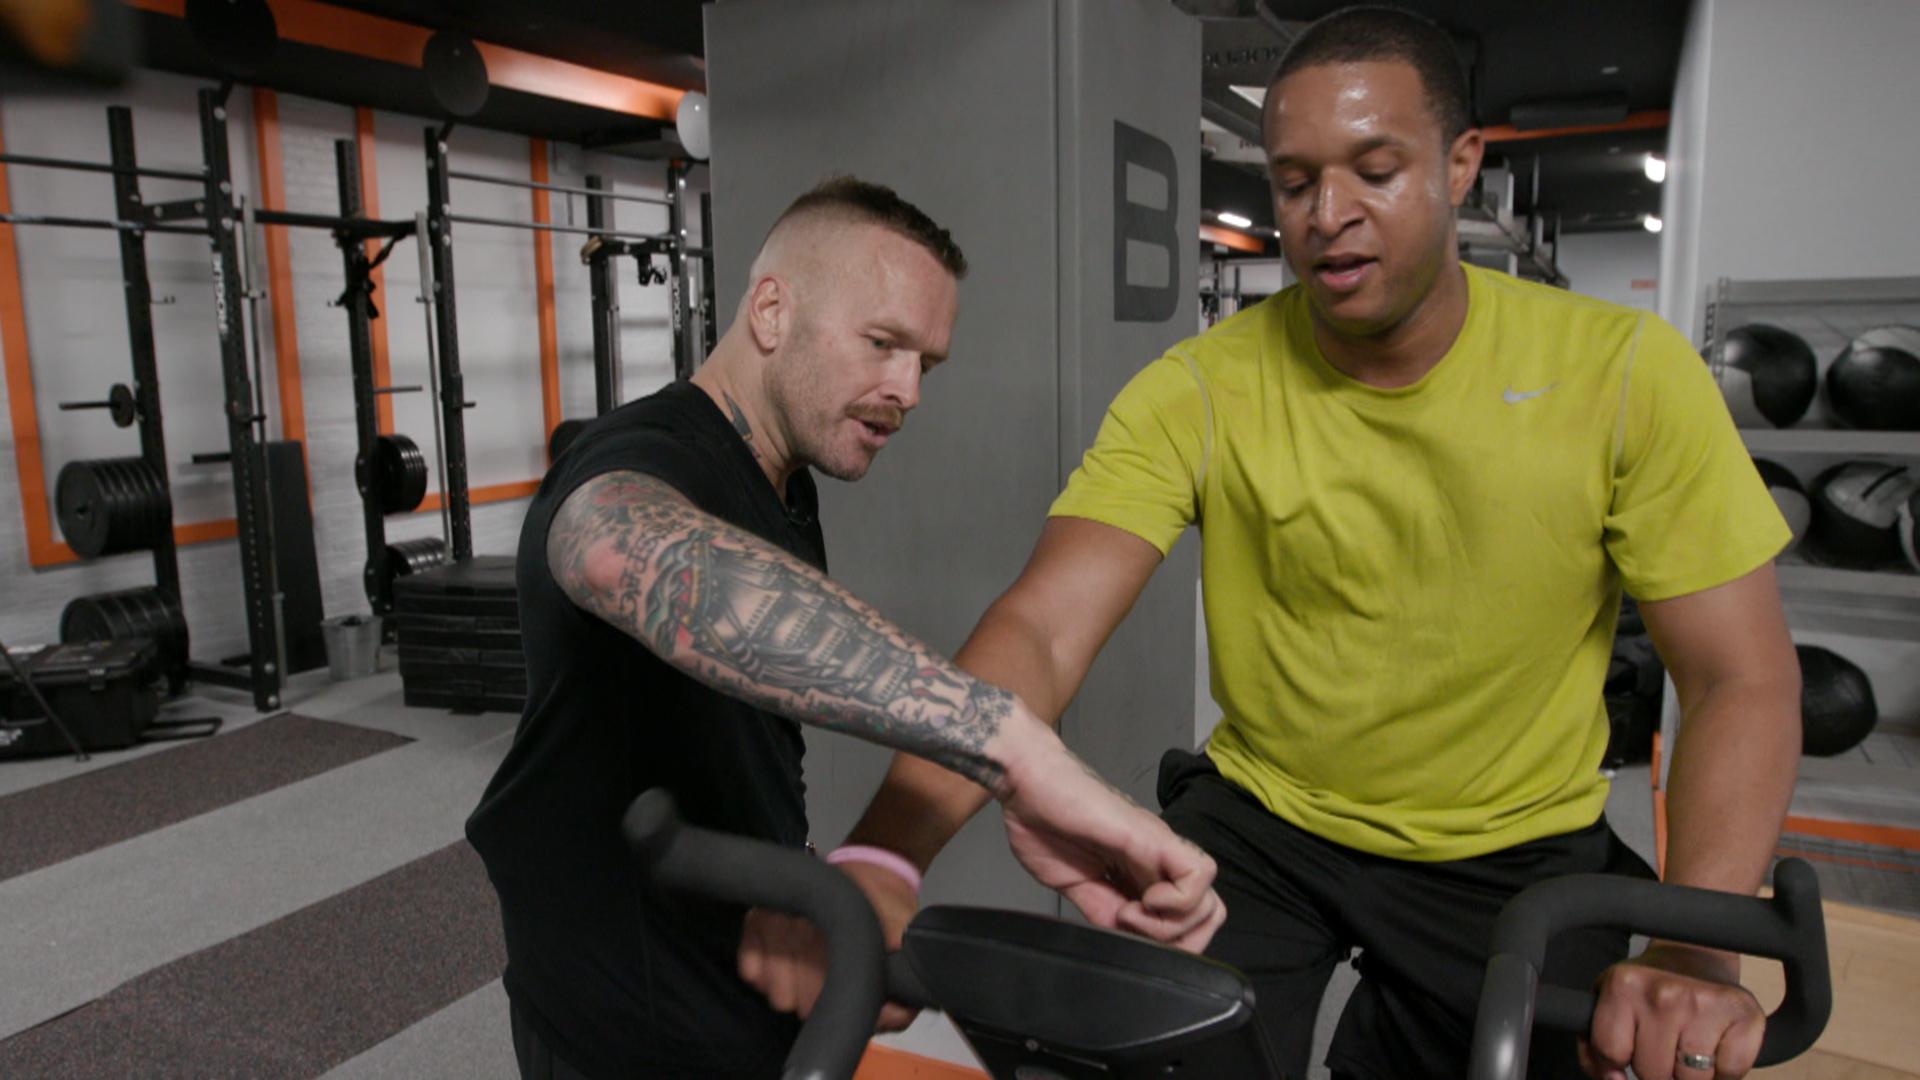 Kick Start Workout Kick Start Workout new foto